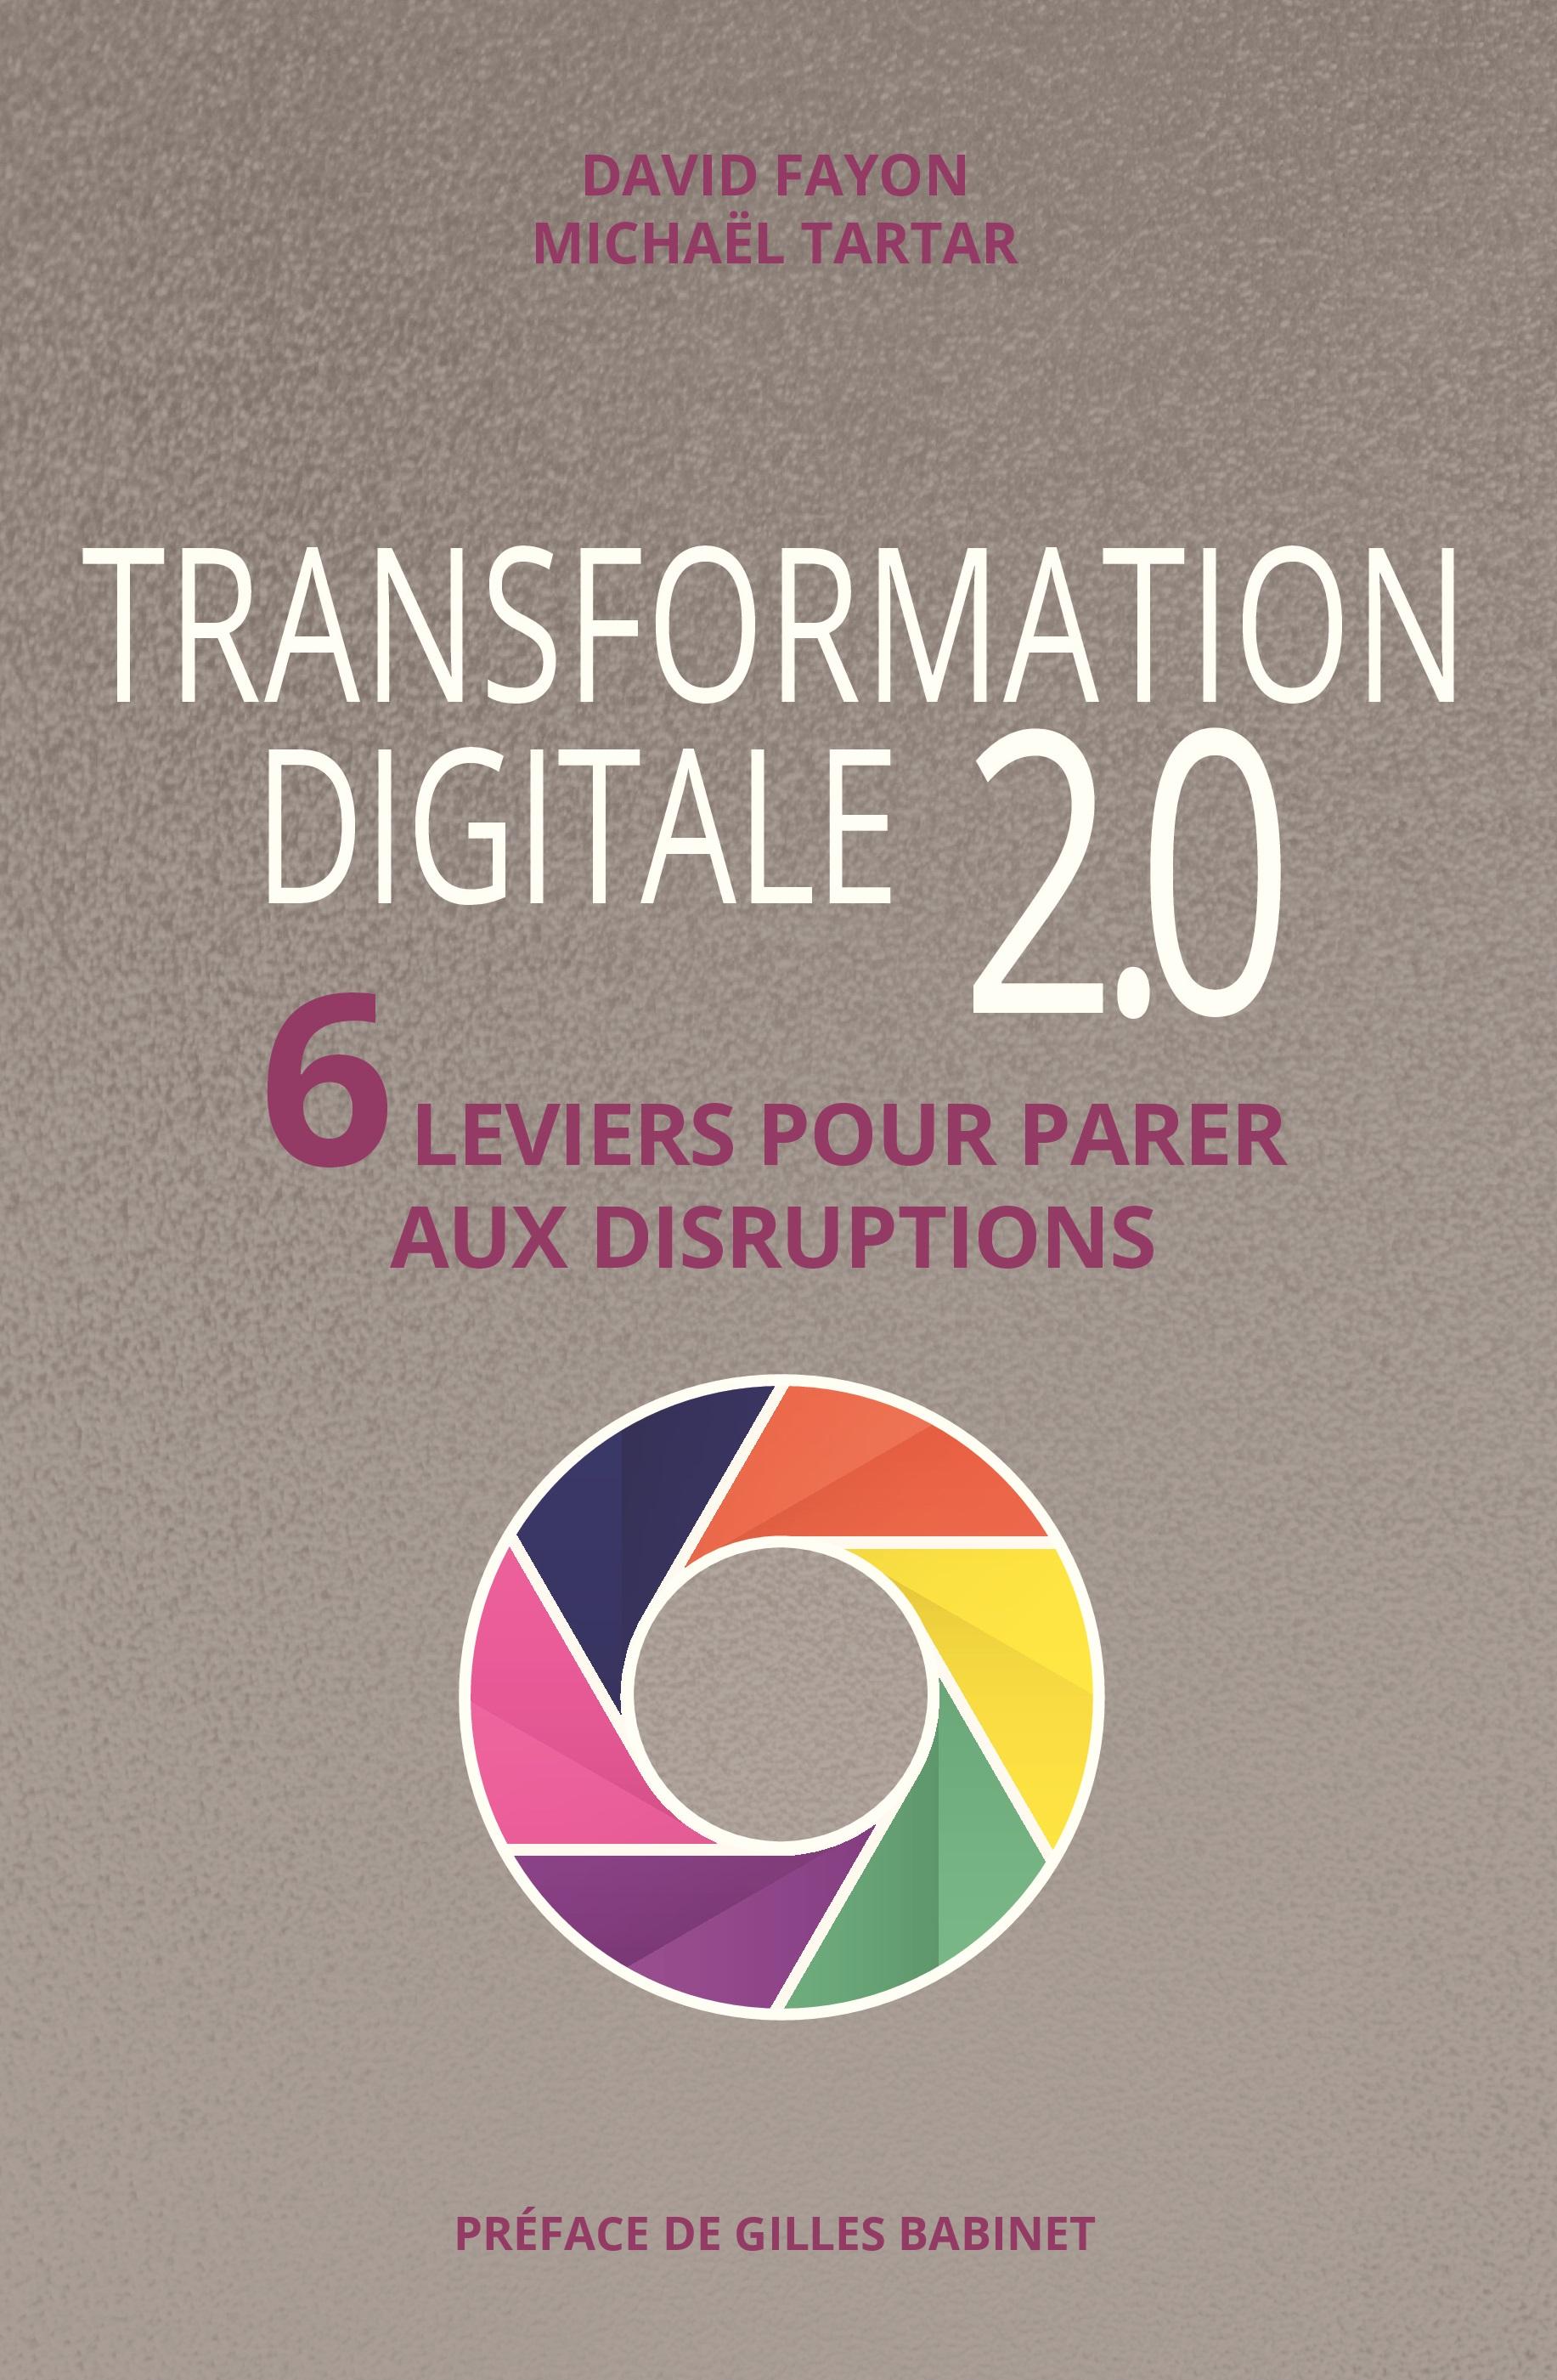 Livre Transformation digitale 2.0 - 6 leviers pour parer aux disruptions